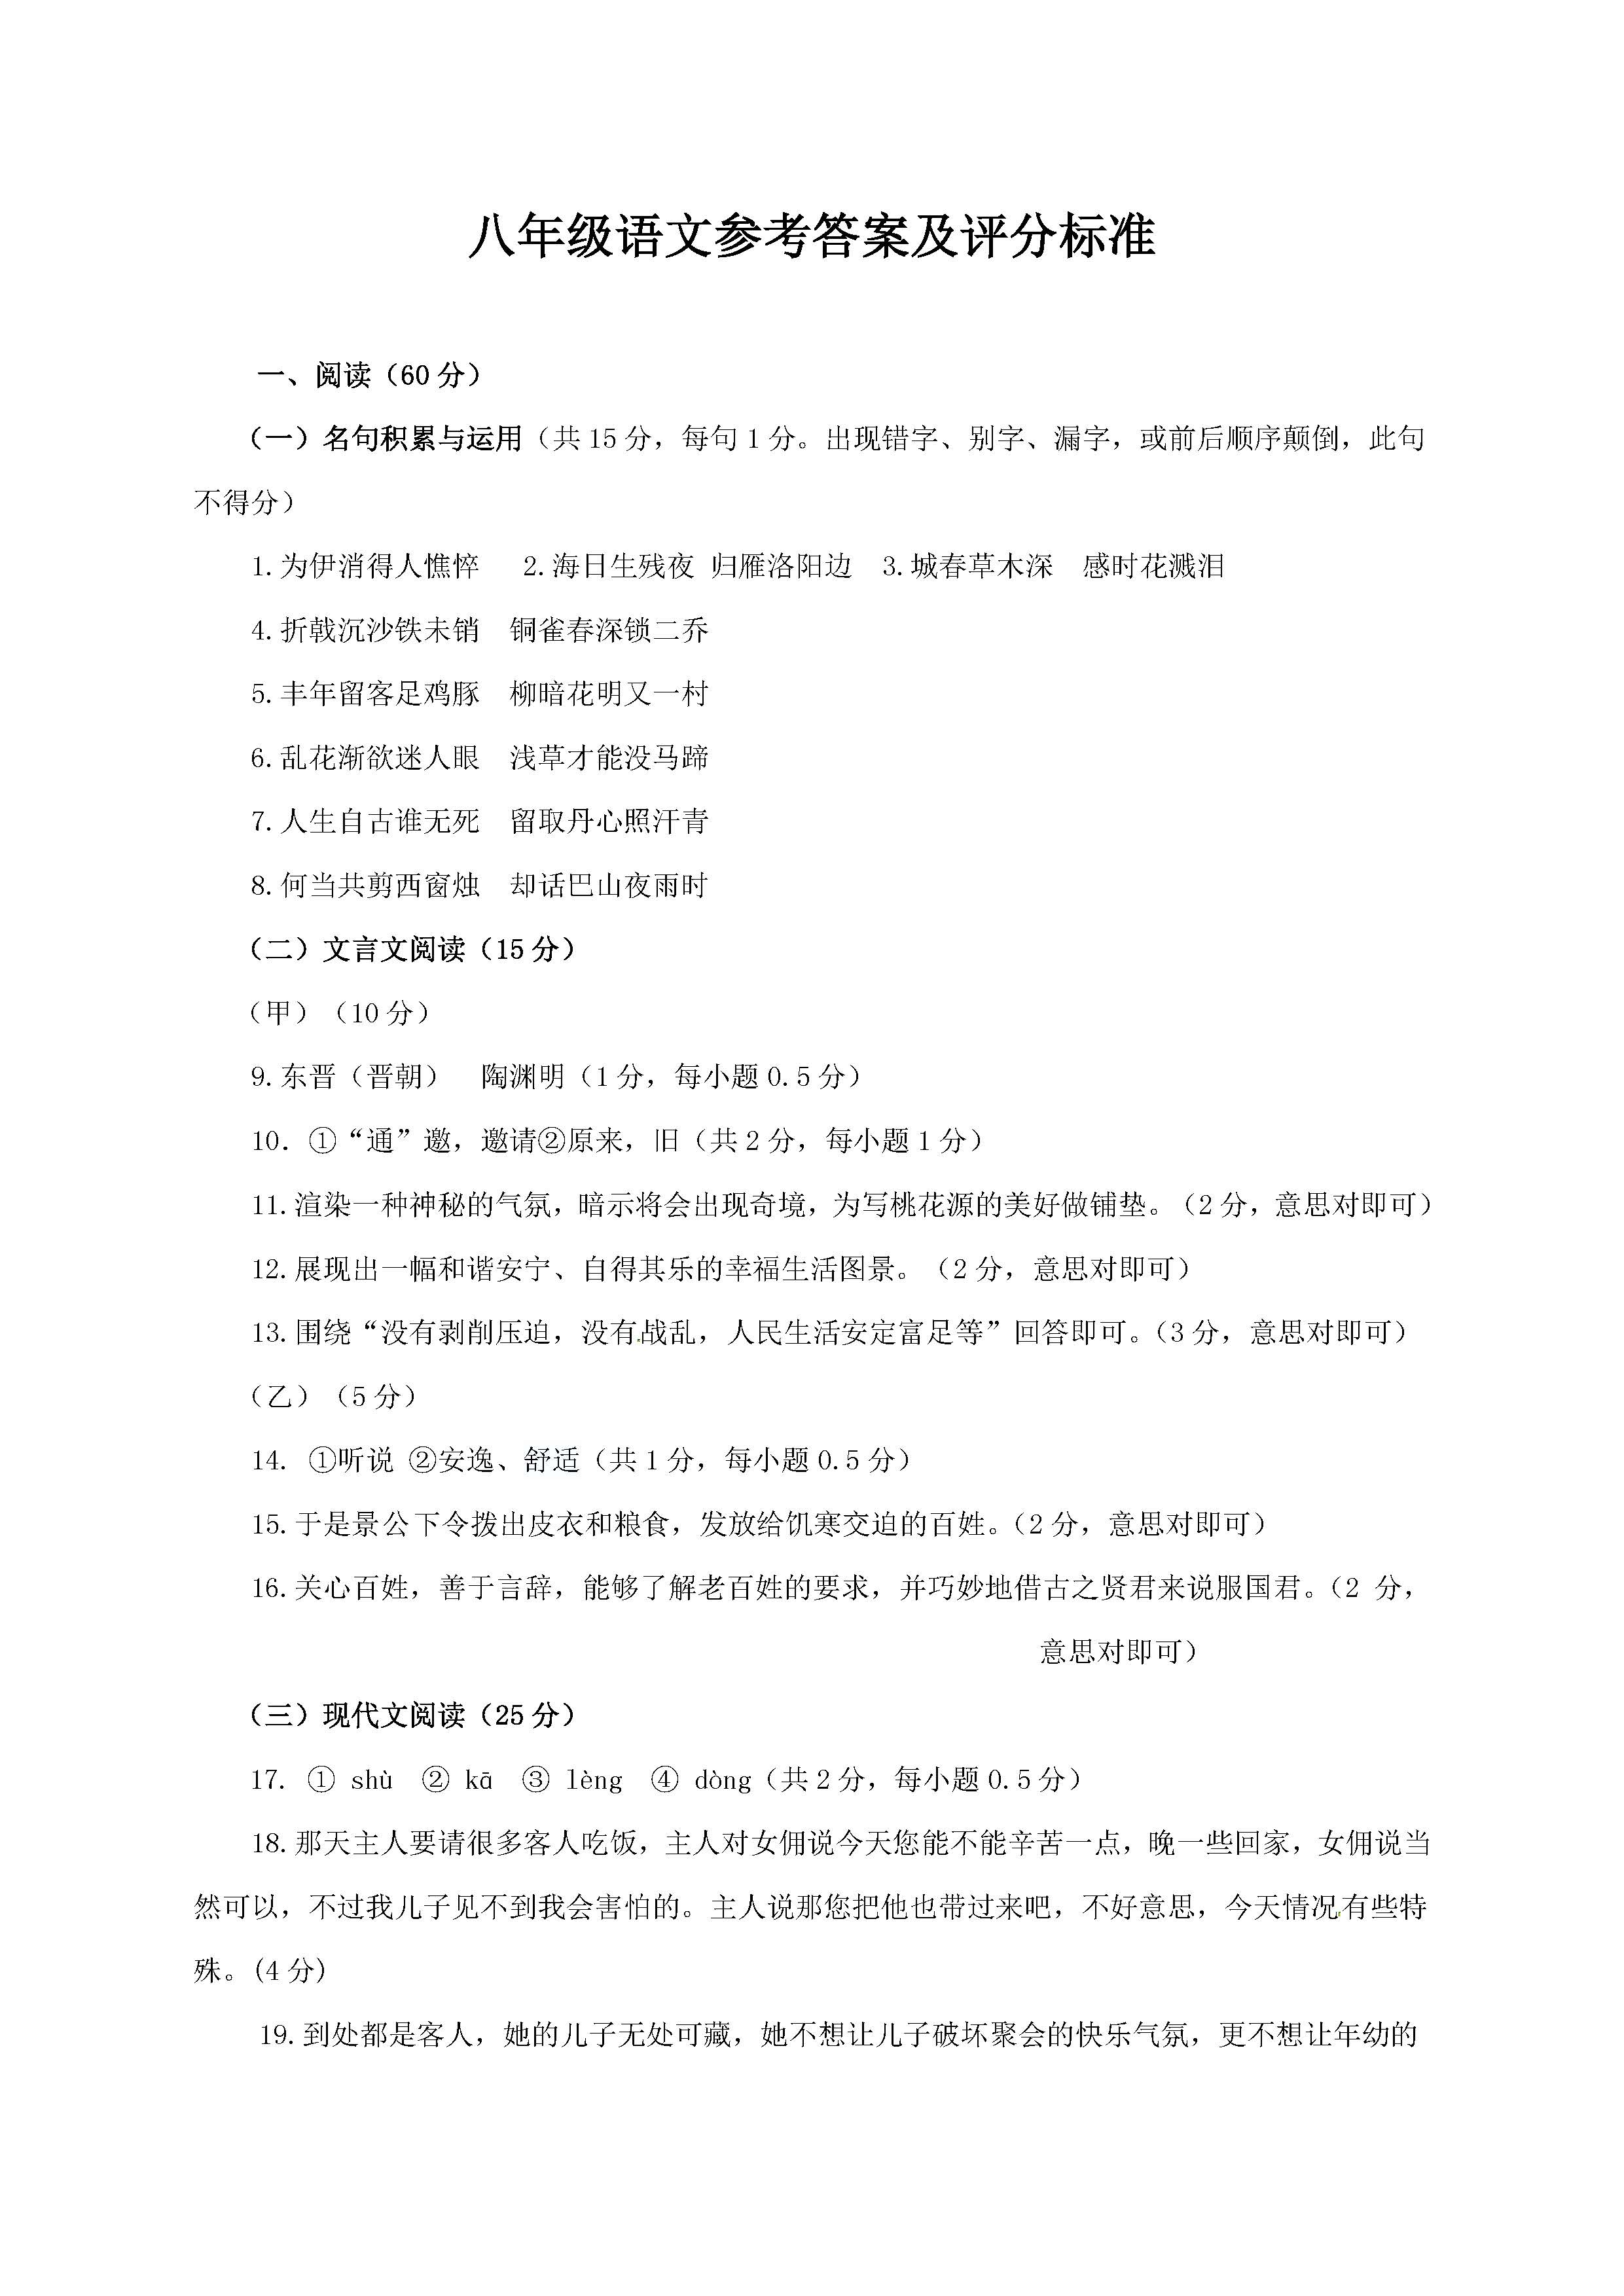 2016长春开发区八年级上期中语文质量检测参考答案(word版)